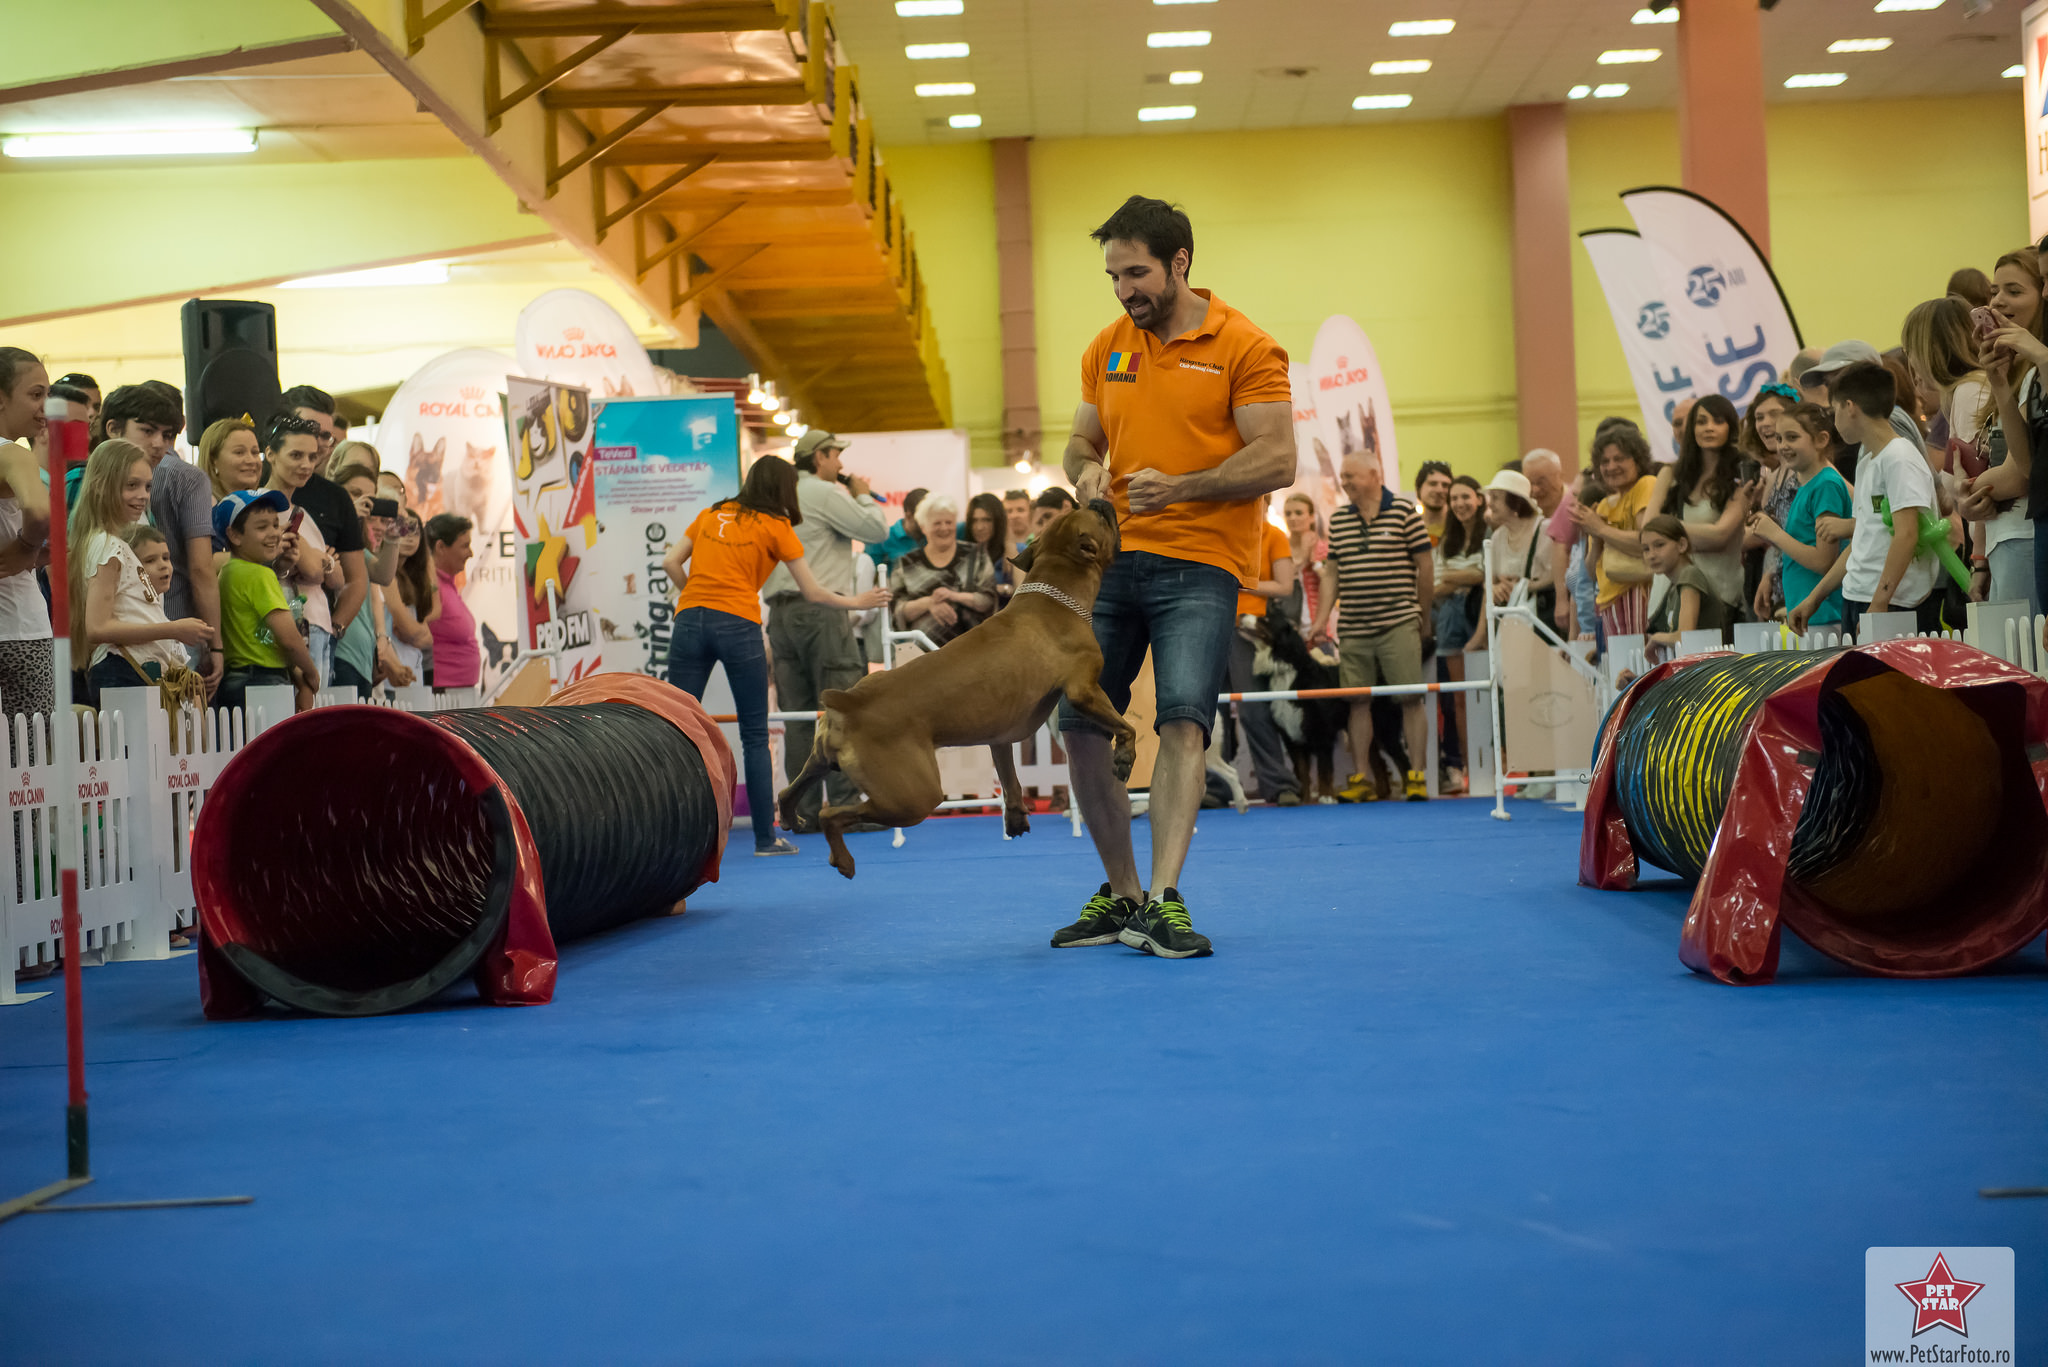 PetExpo găzduiește anul acesta 14 evenimente, jocuri și concursuri